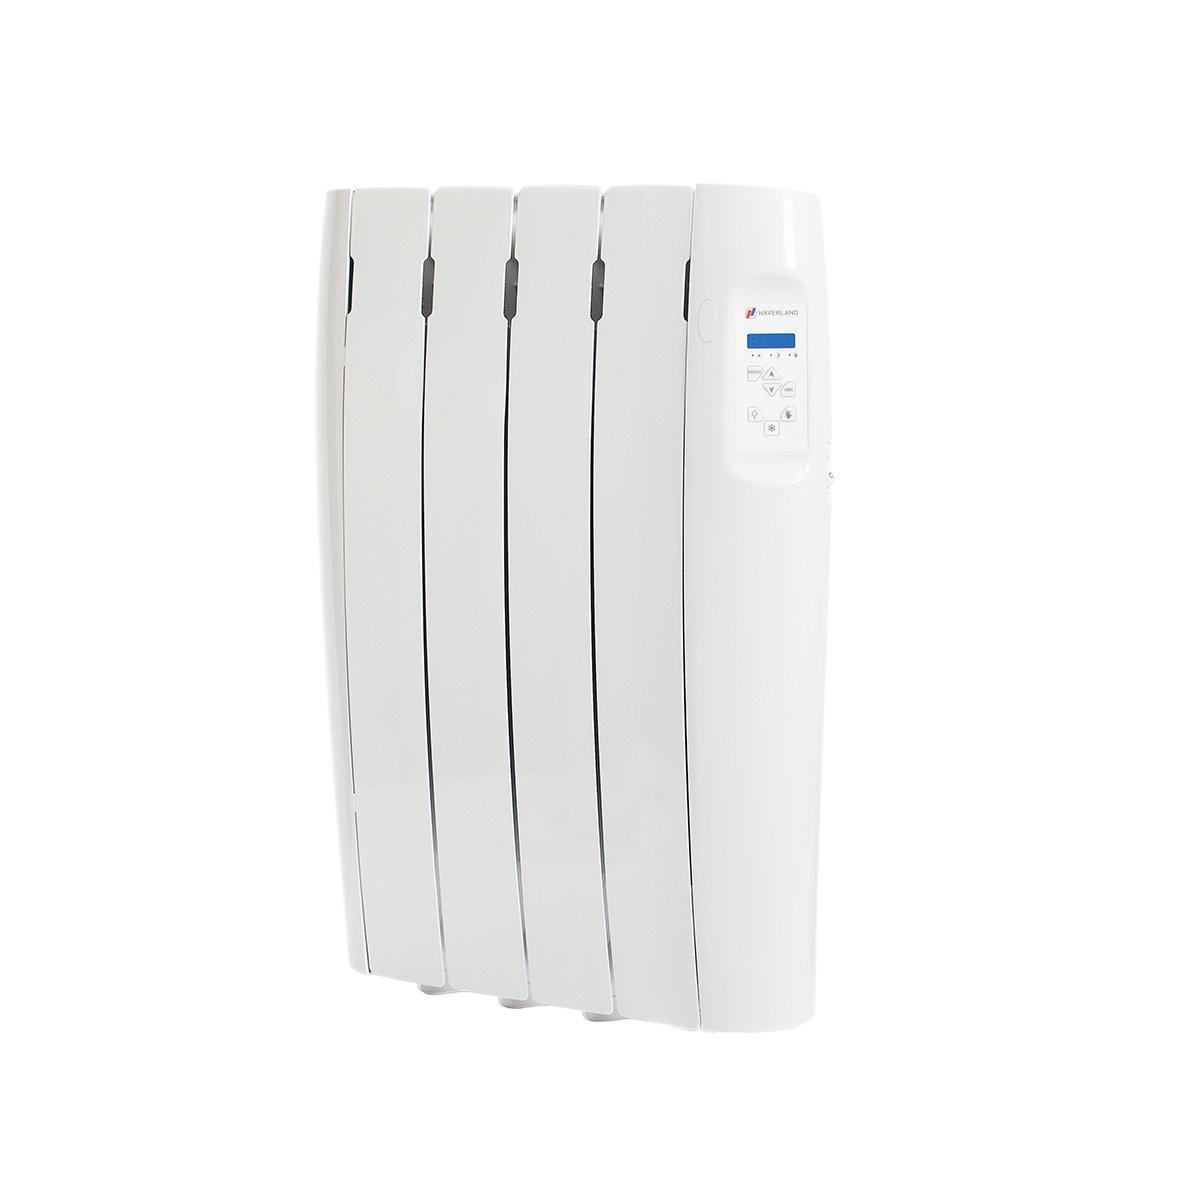 Haverland, RC4M, Radiador Digital Fluido Bajo Consumo, 500 de Potencia, 4 Elementos, Programable, Exclusivo Indicador de Consumo, Pantalla Temperatura ...